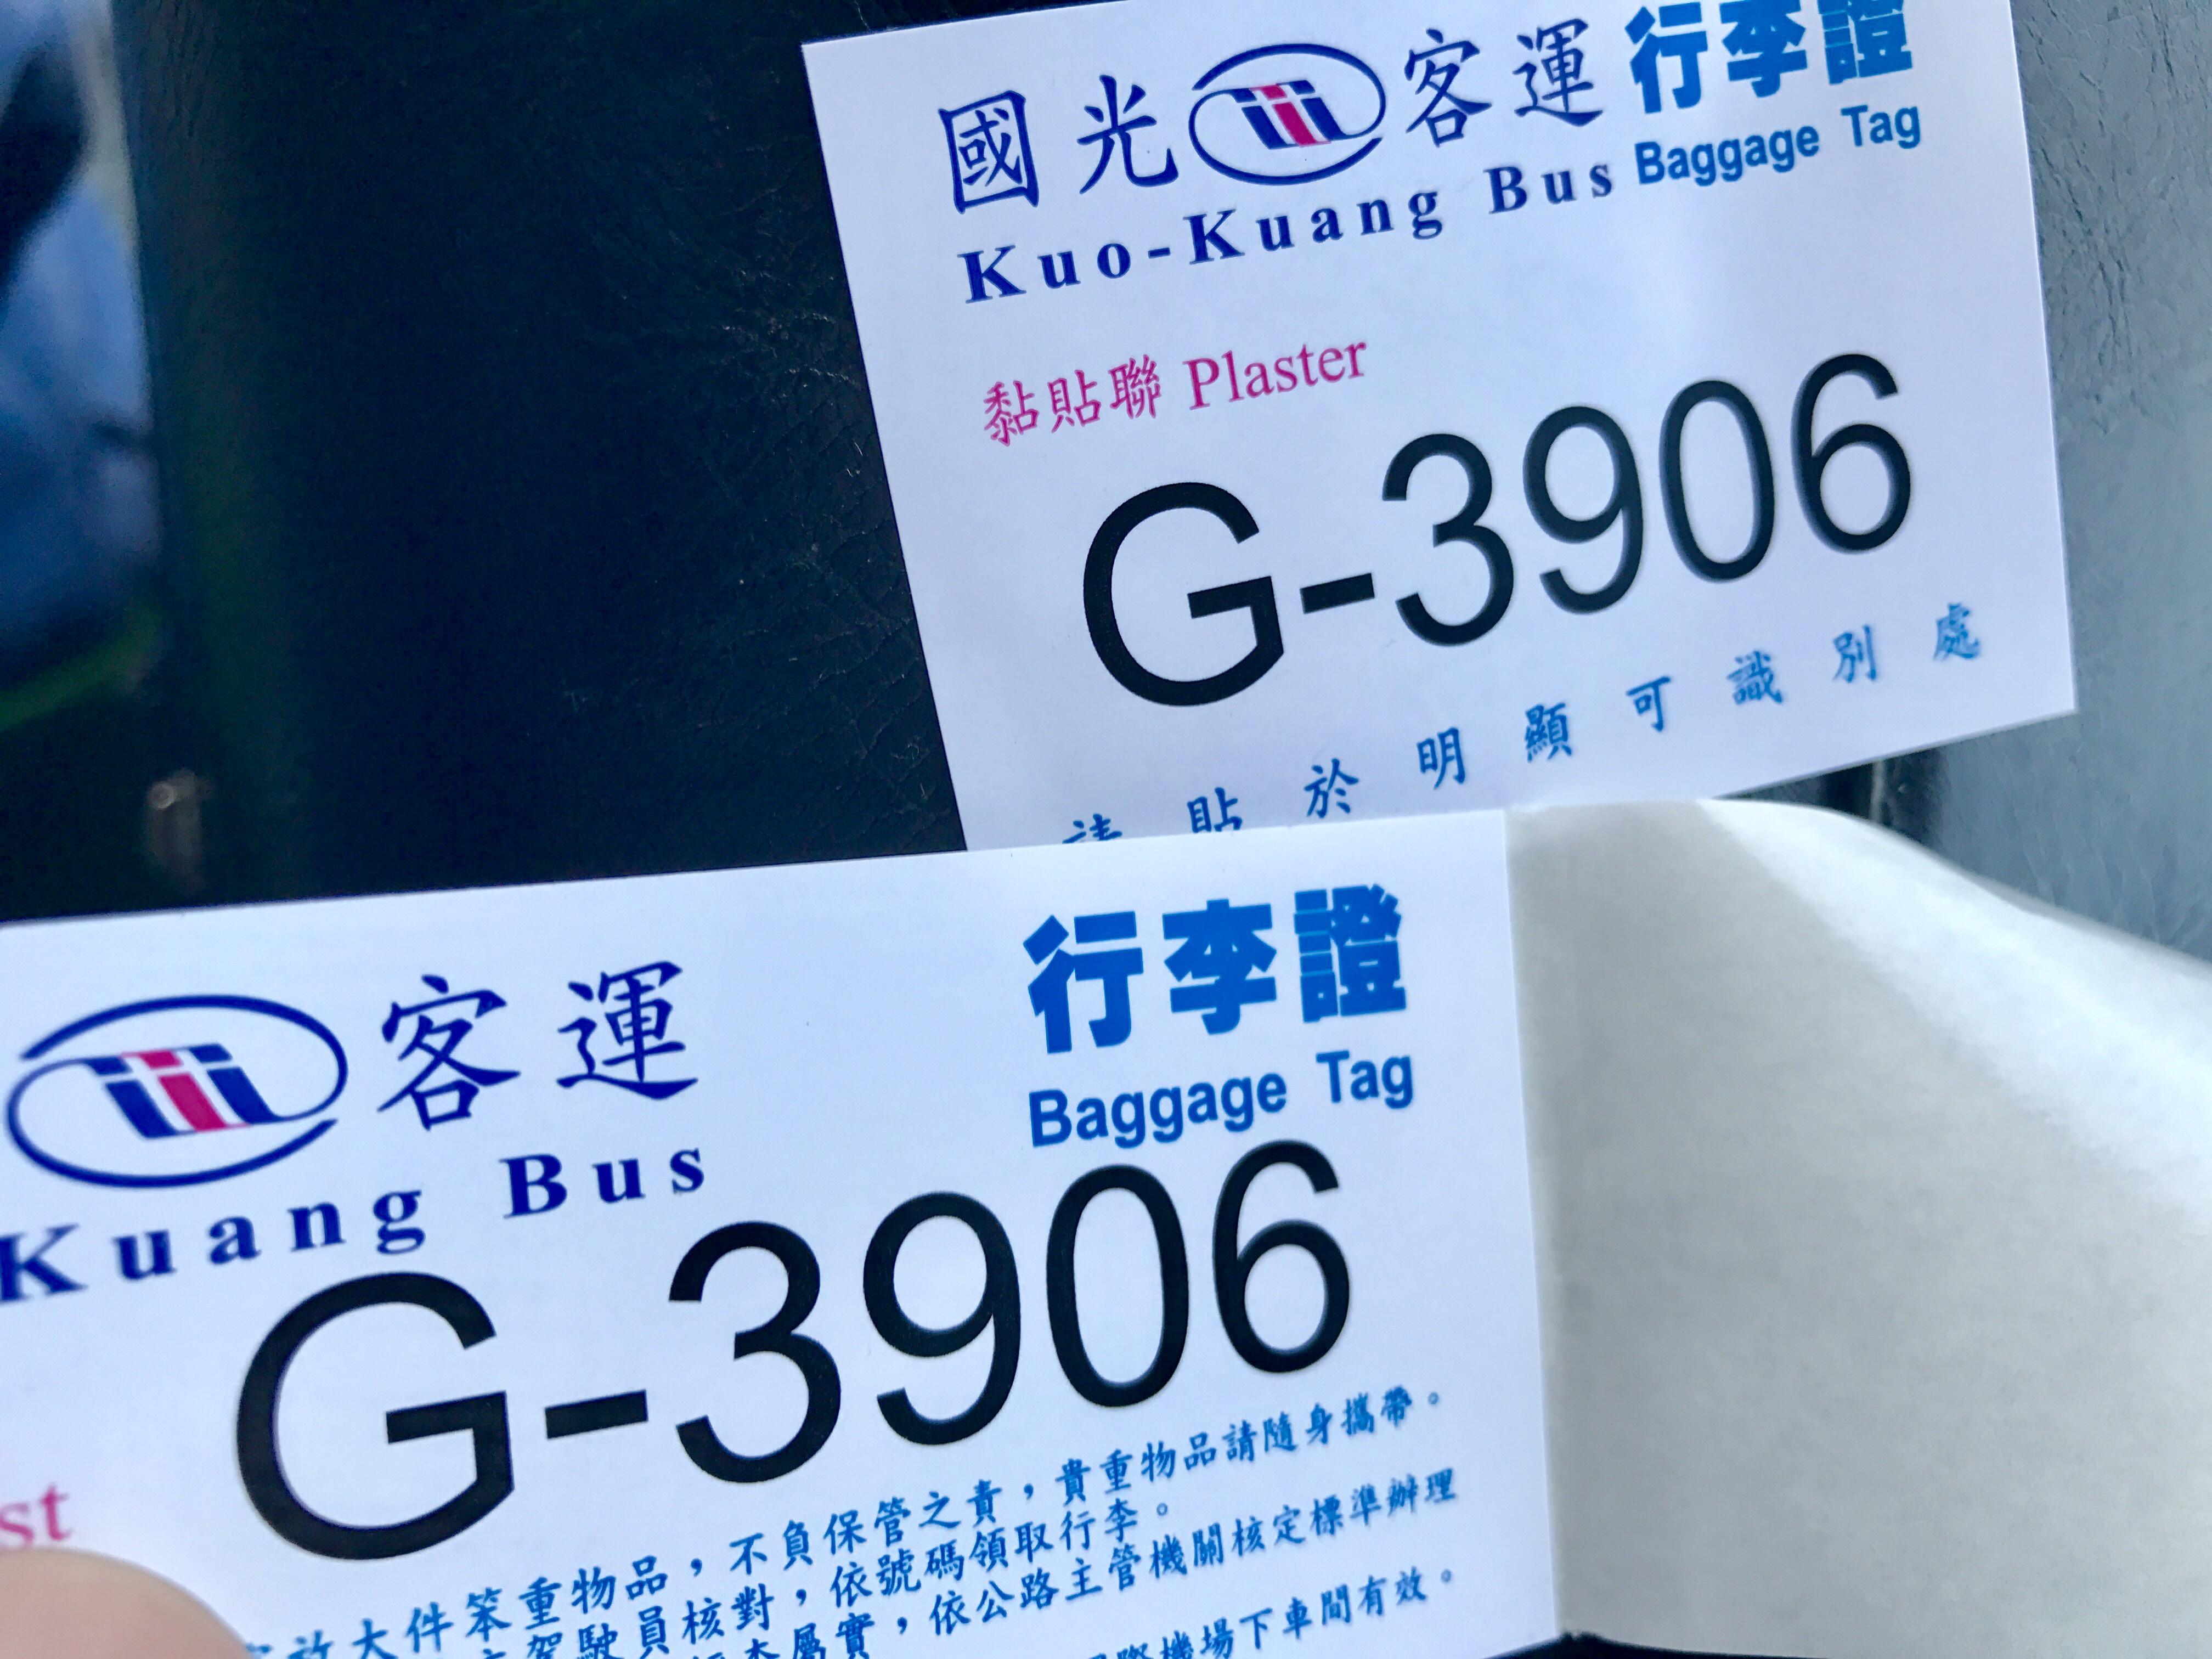 桃園空港から台北駅への移動のバス-とランク